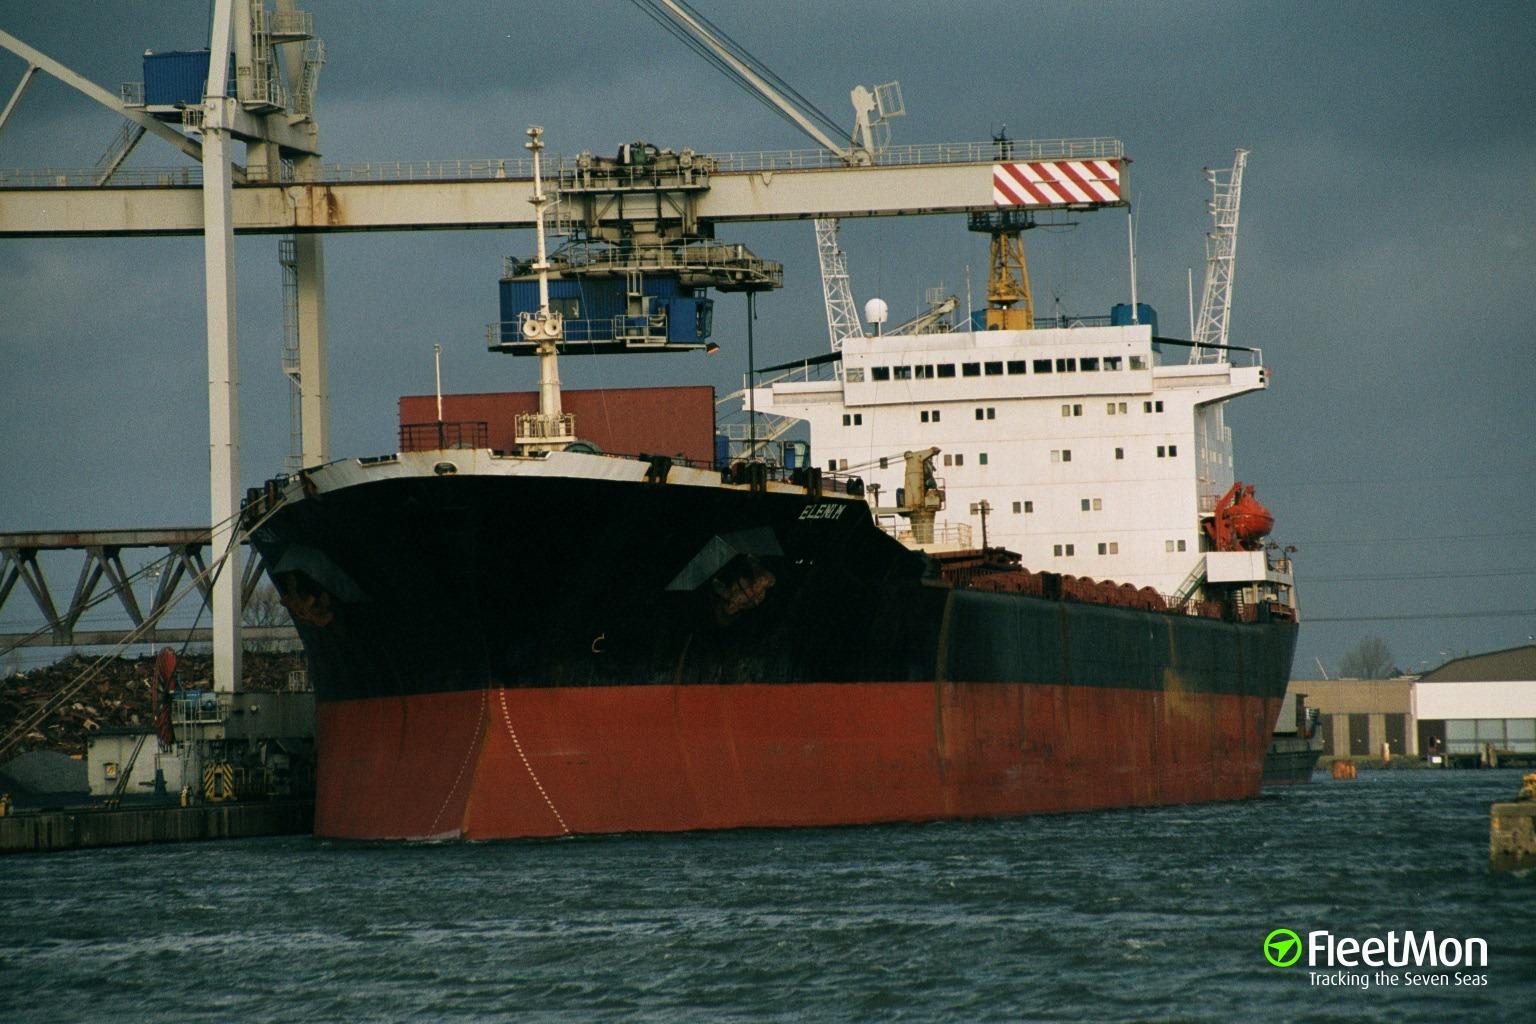 Bulk carrier ELENI M aground, Uruguay river